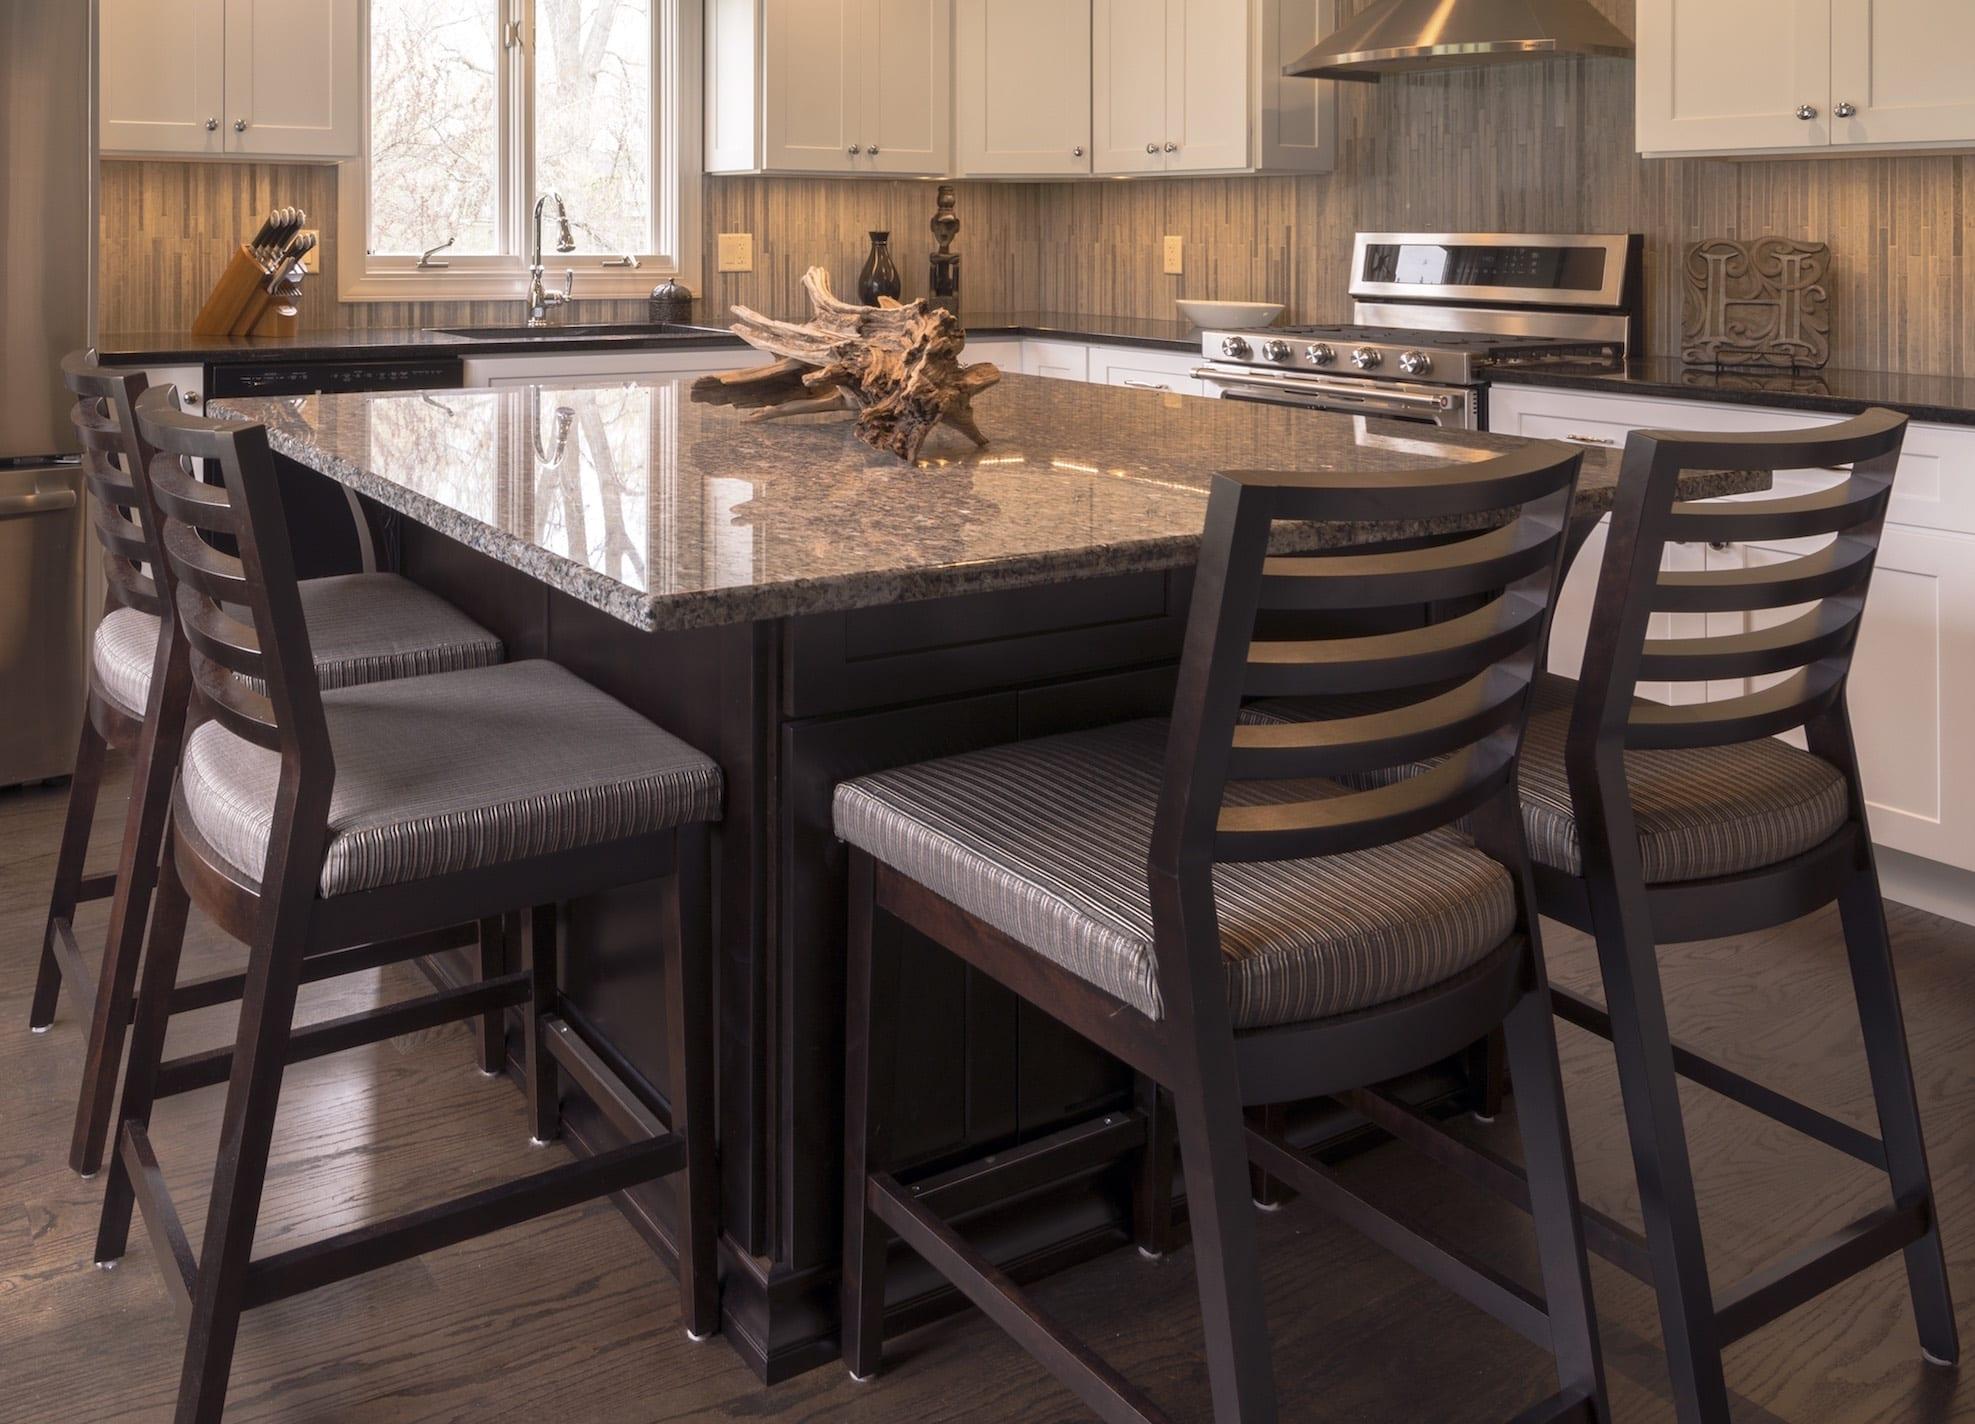 Kitchen Design, Build & Furnish